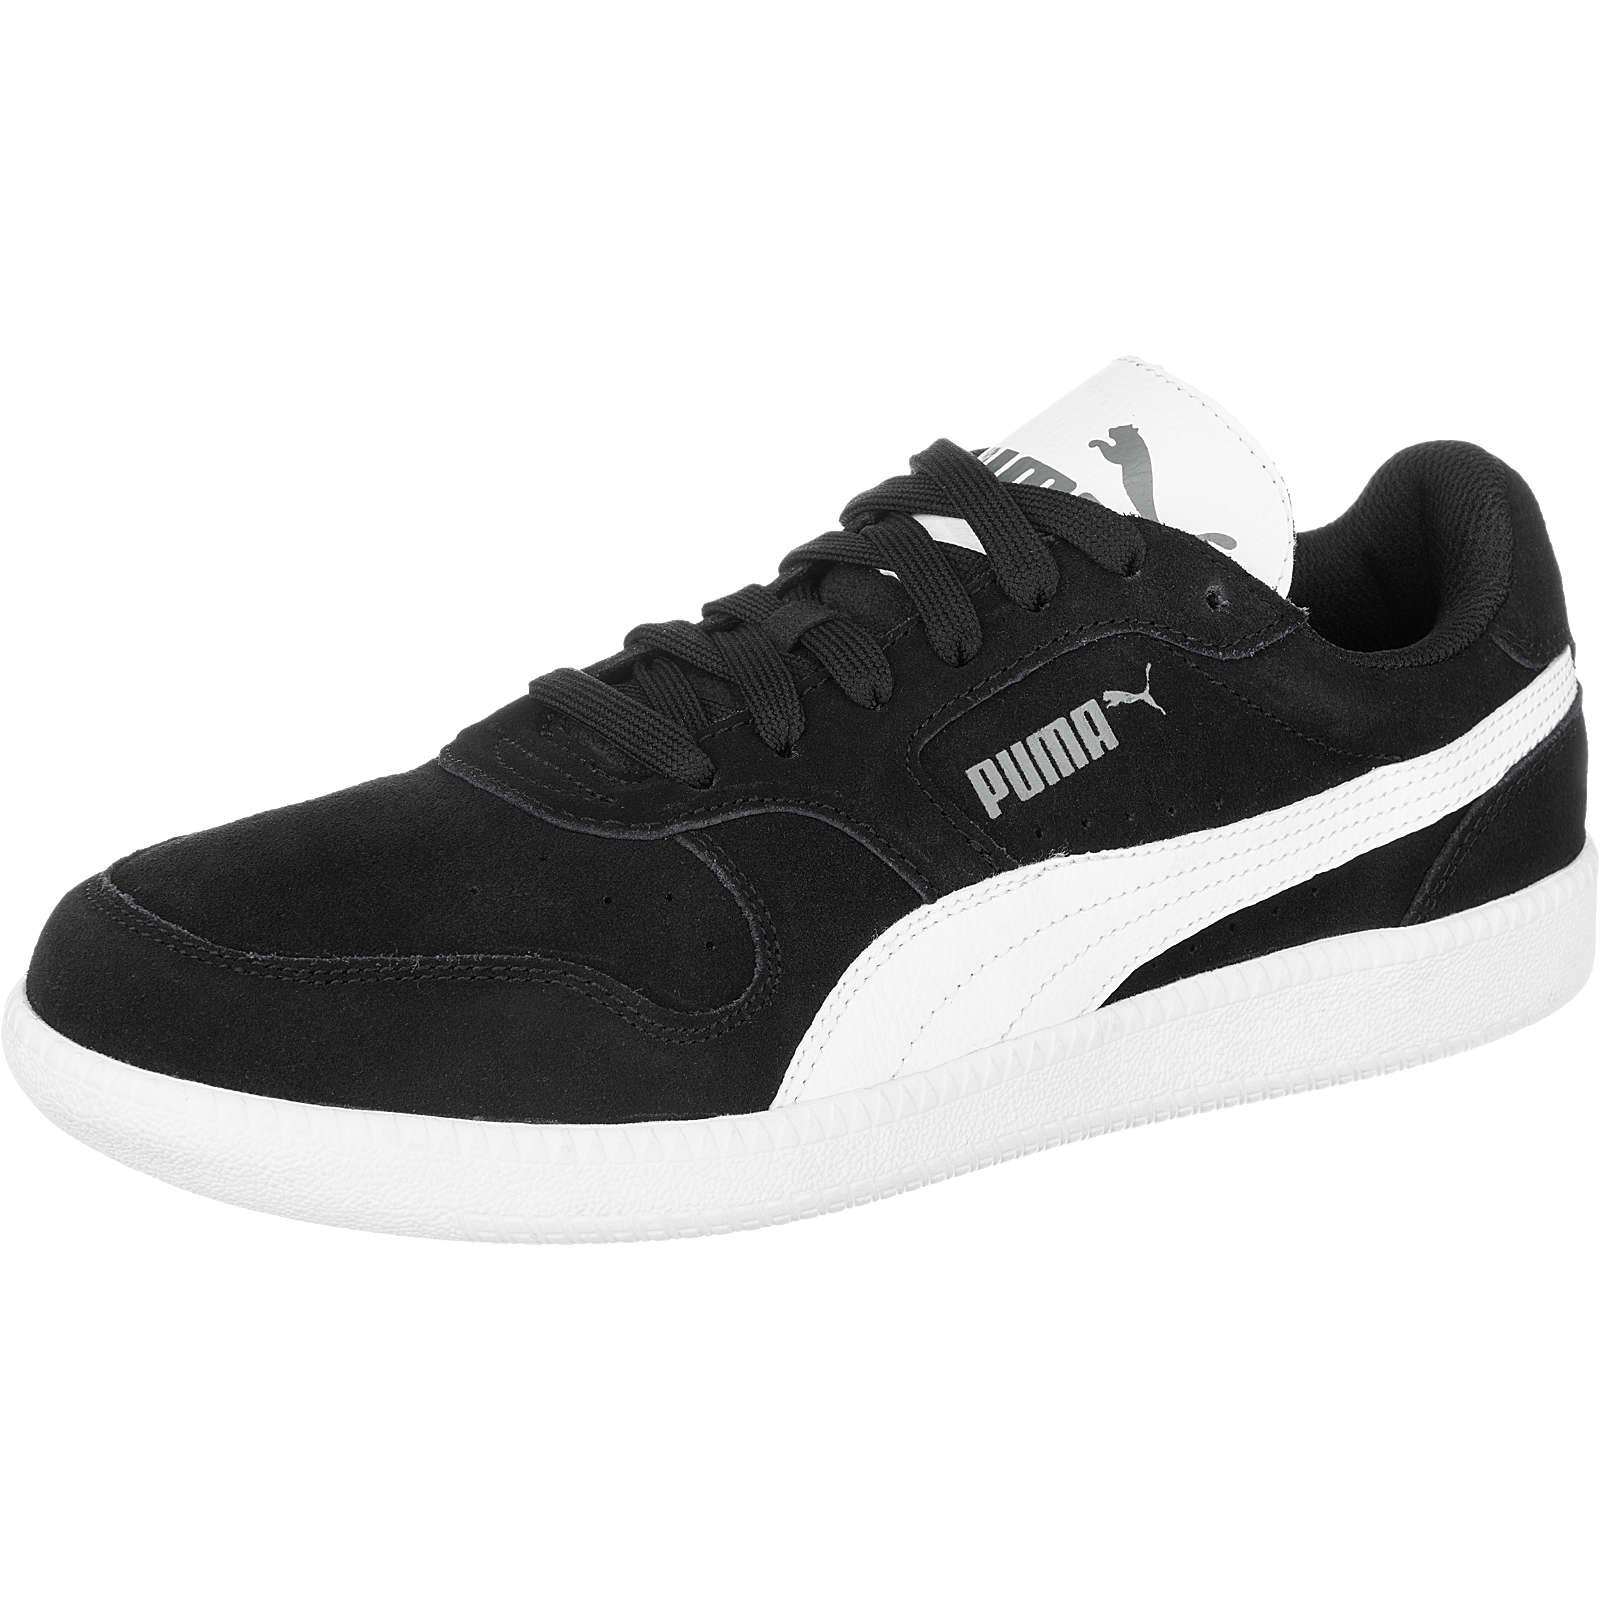 PUMA Sneakers Low schwarz Herren Gr. 45